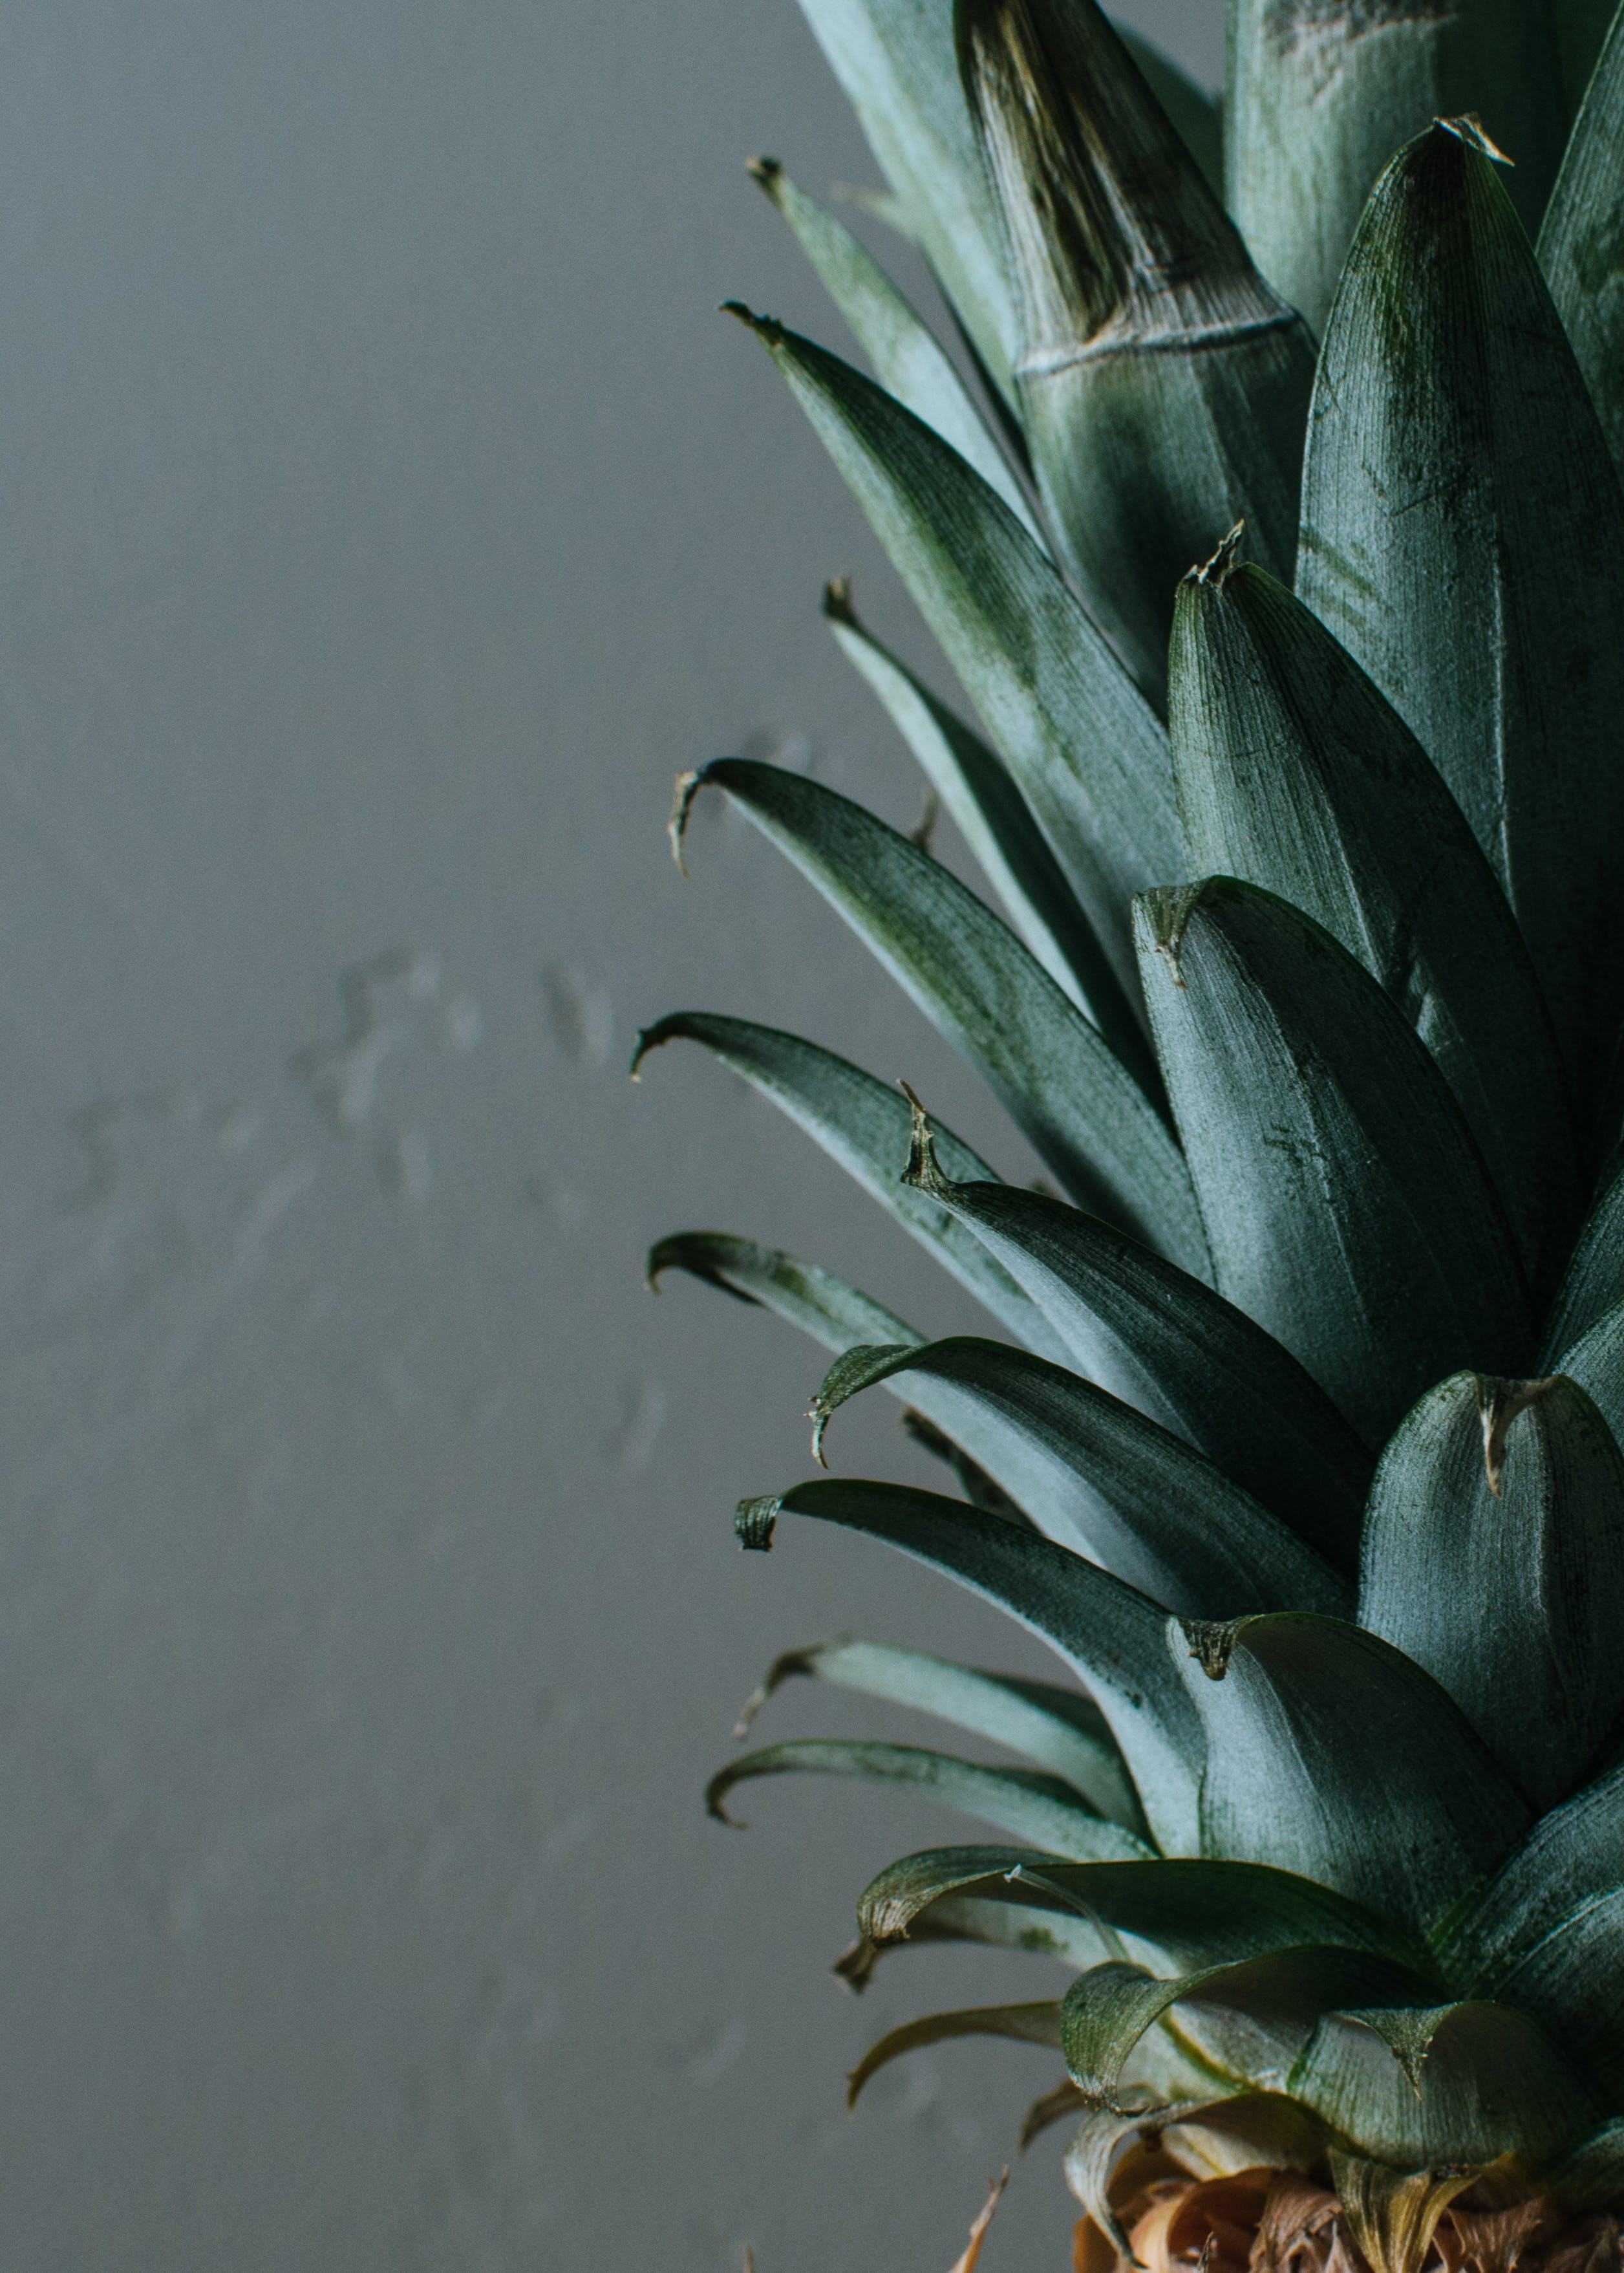 Ingyenes stockfotó agávé, ananász növény, egzotikus, elkülönített témában